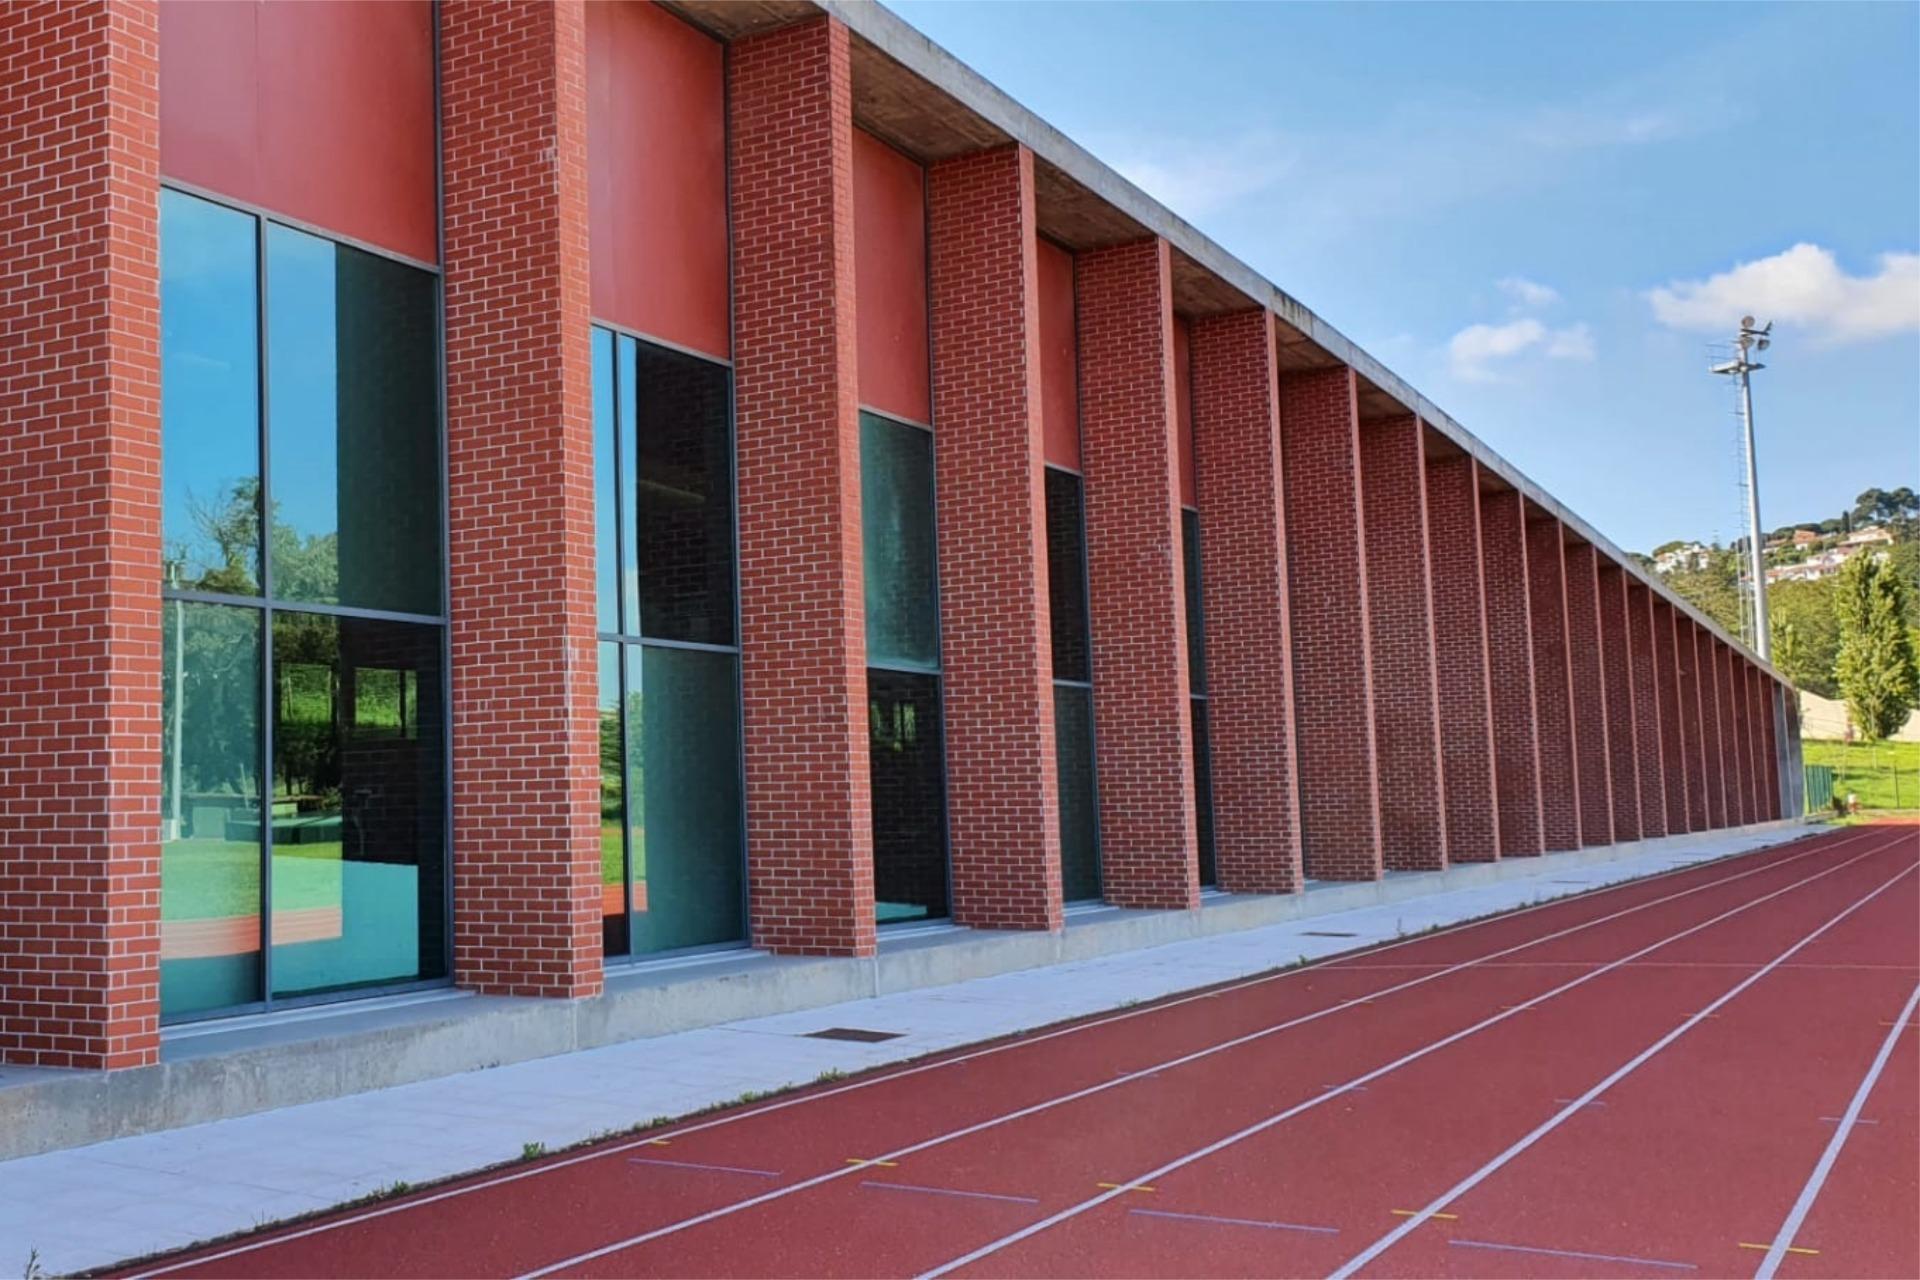 Fotografia da fachada do Centro de Alto Rendimento do Jamor